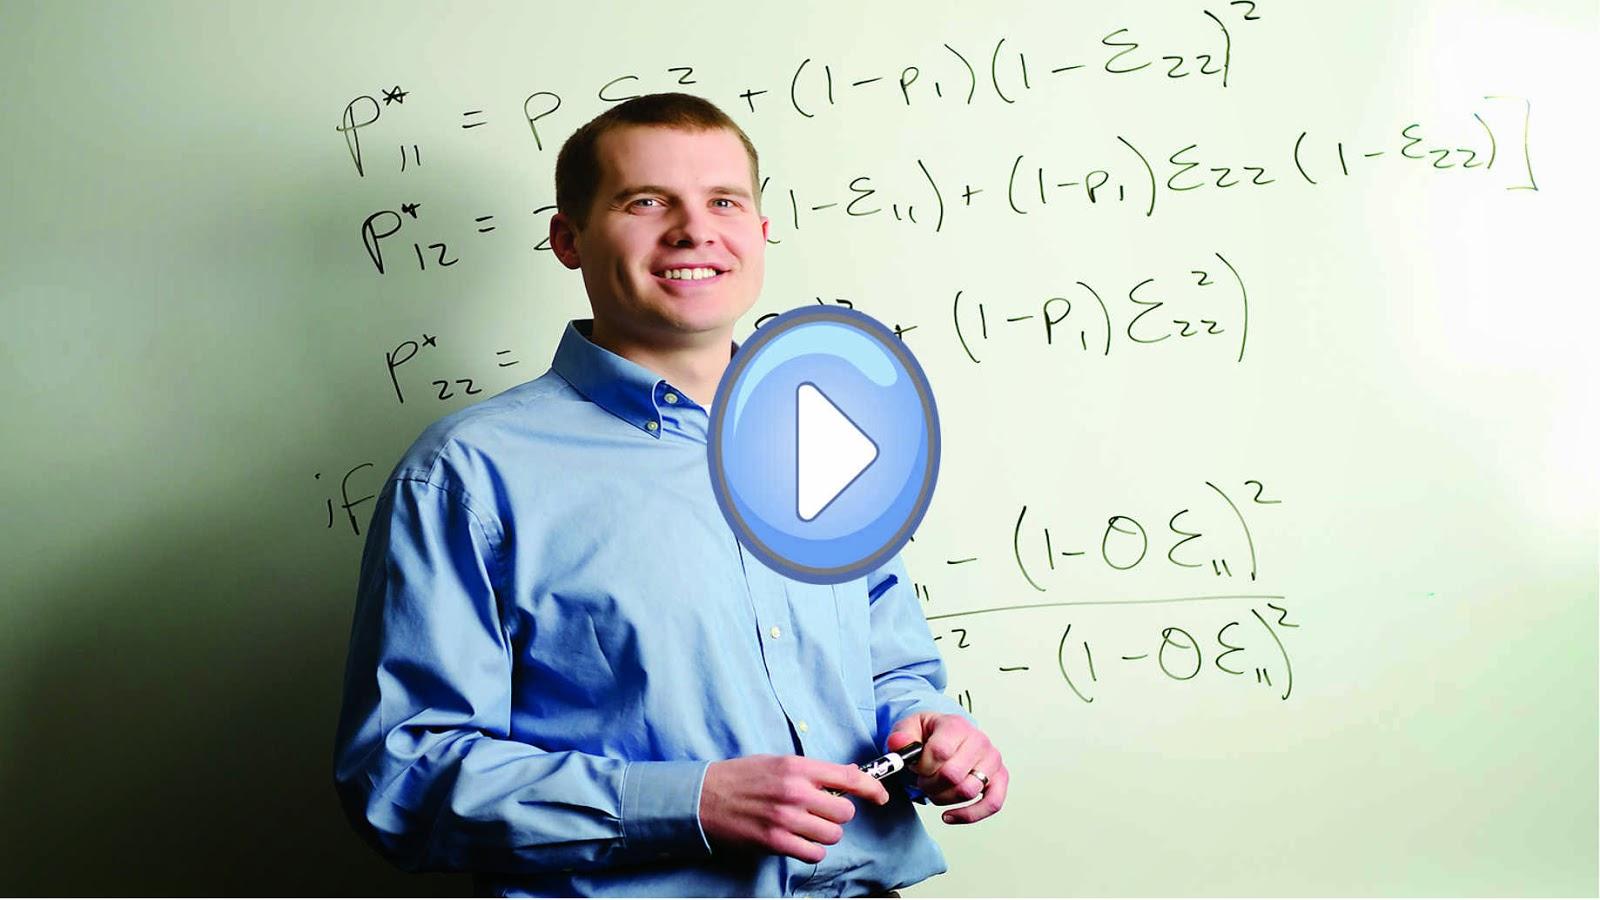 Idea 60 de 1000 ideas de tesis: ¿Cuál es la presencia de las creencias acerca de la Matemática y su enseñanza en el discurso escolar?